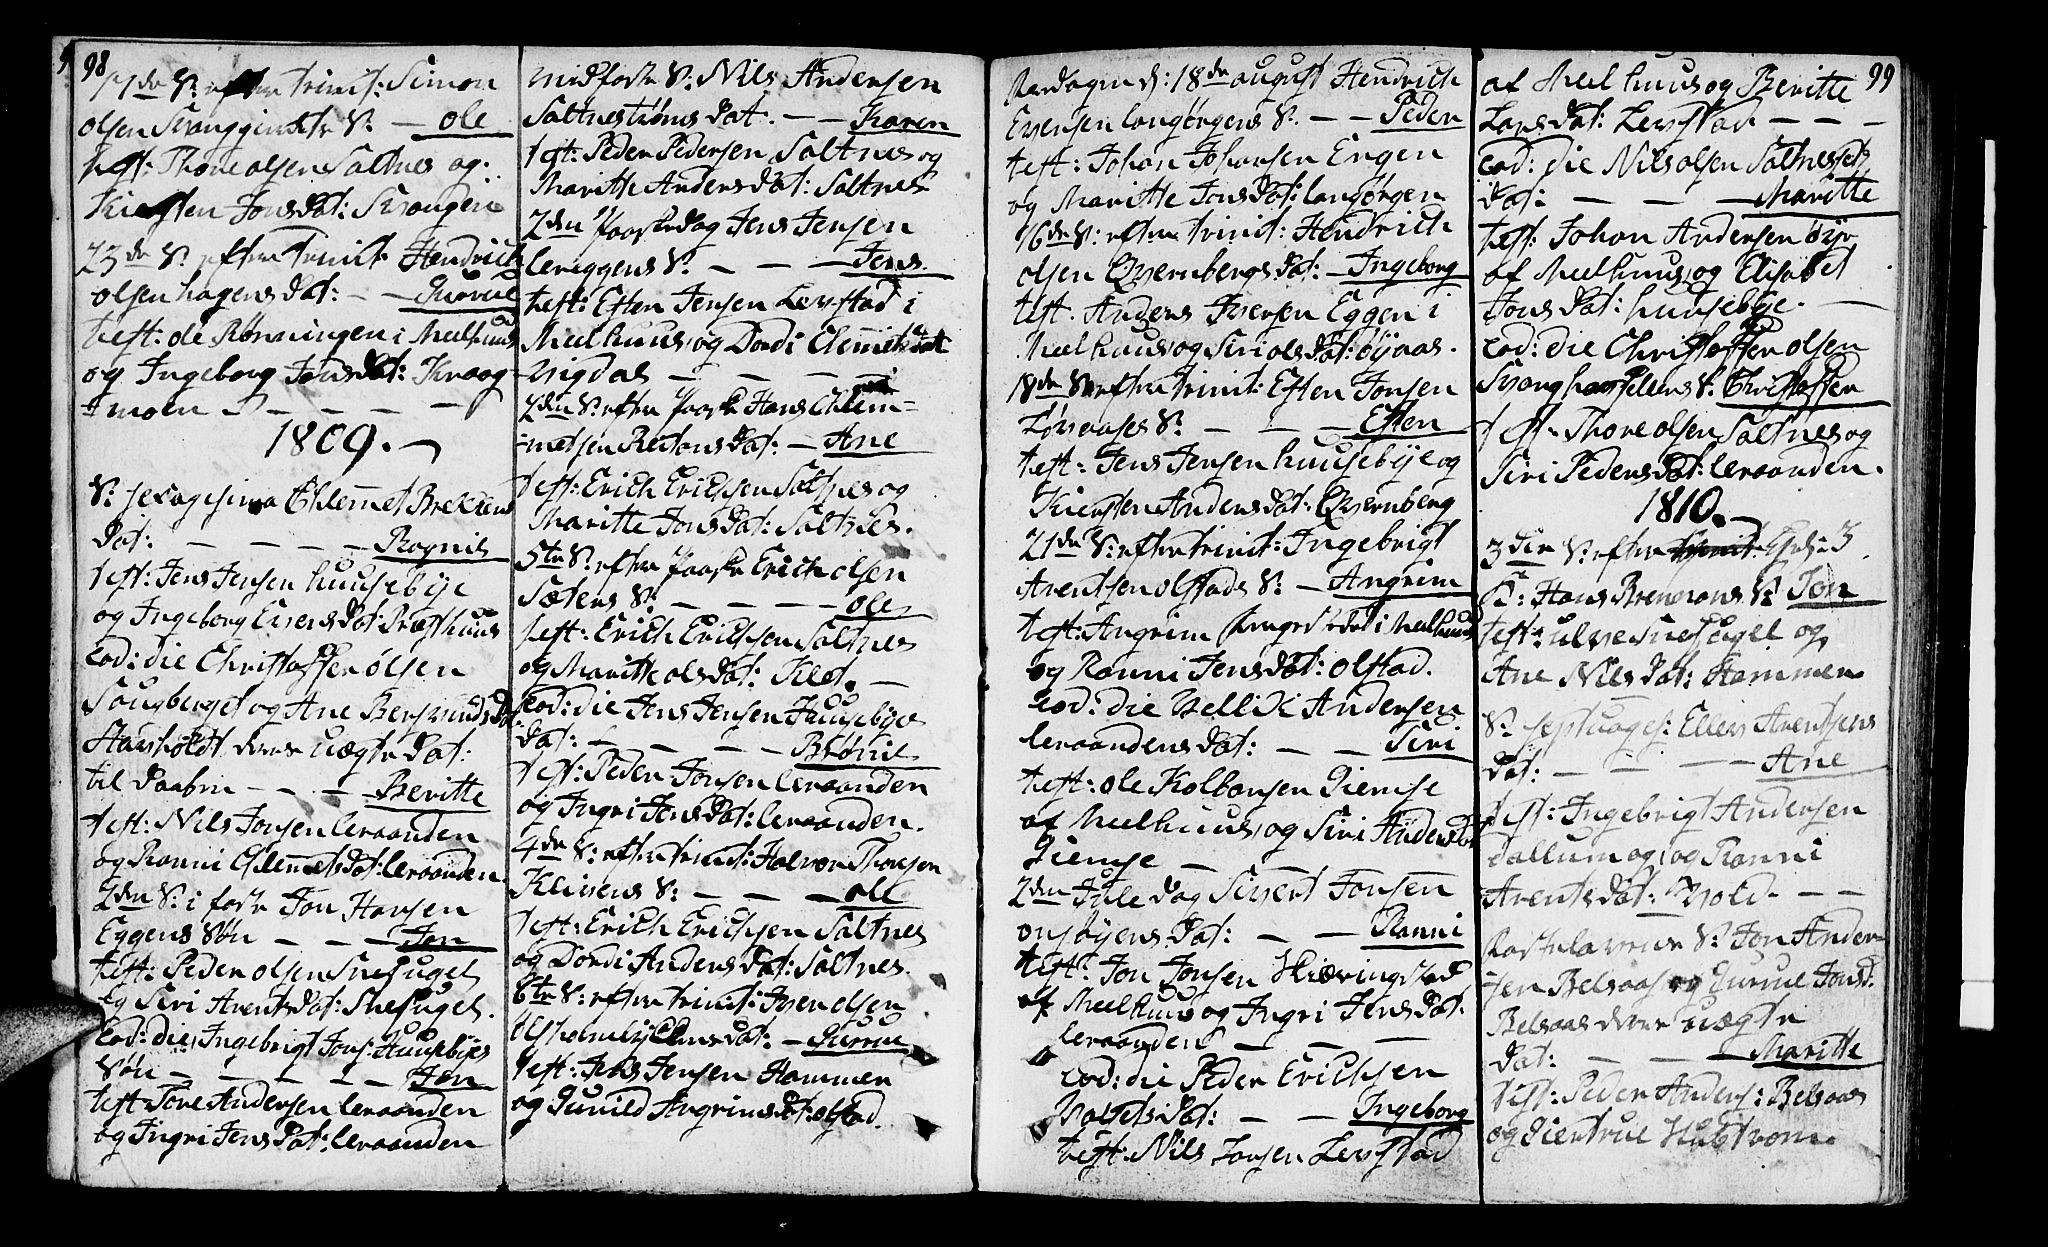 SAT, Ministerialprotokoller, klokkerbøker og fødselsregistre - Sør-Trøndelag, 666/L0785: Ministerialbok nr. 666A03, 1803-1816, s. 98-99